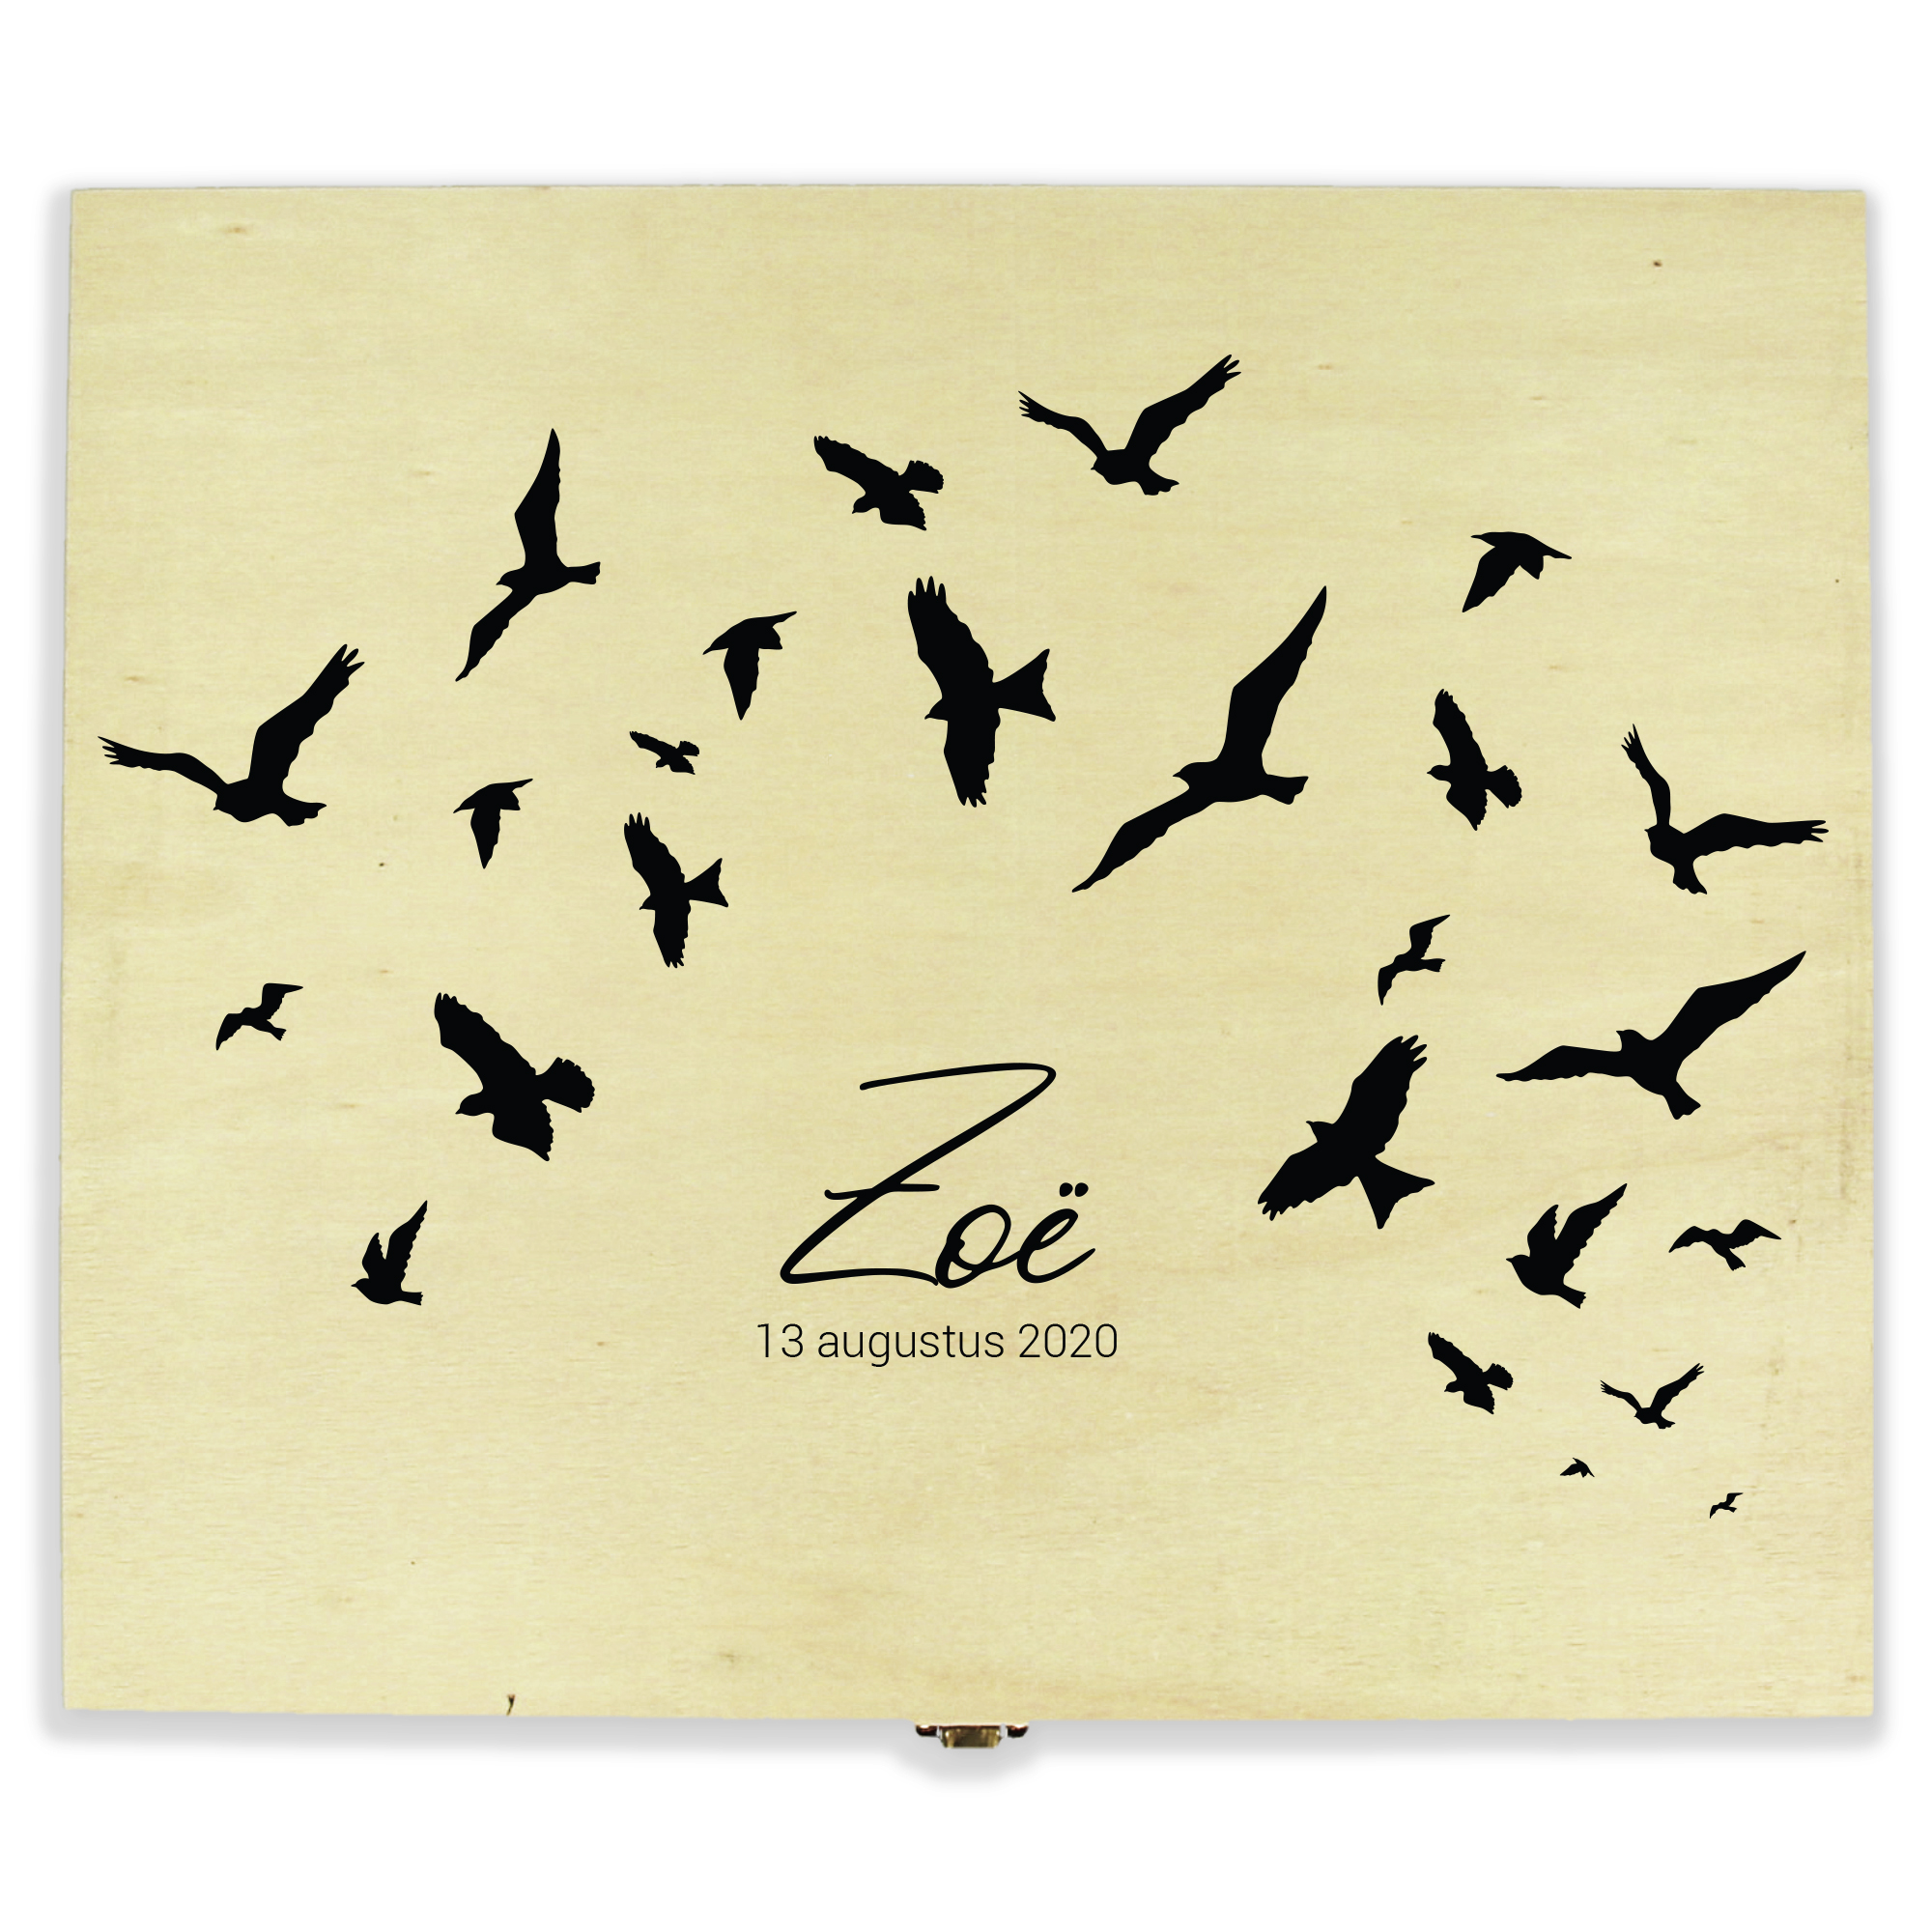 Herinneringskist met naam - Birds